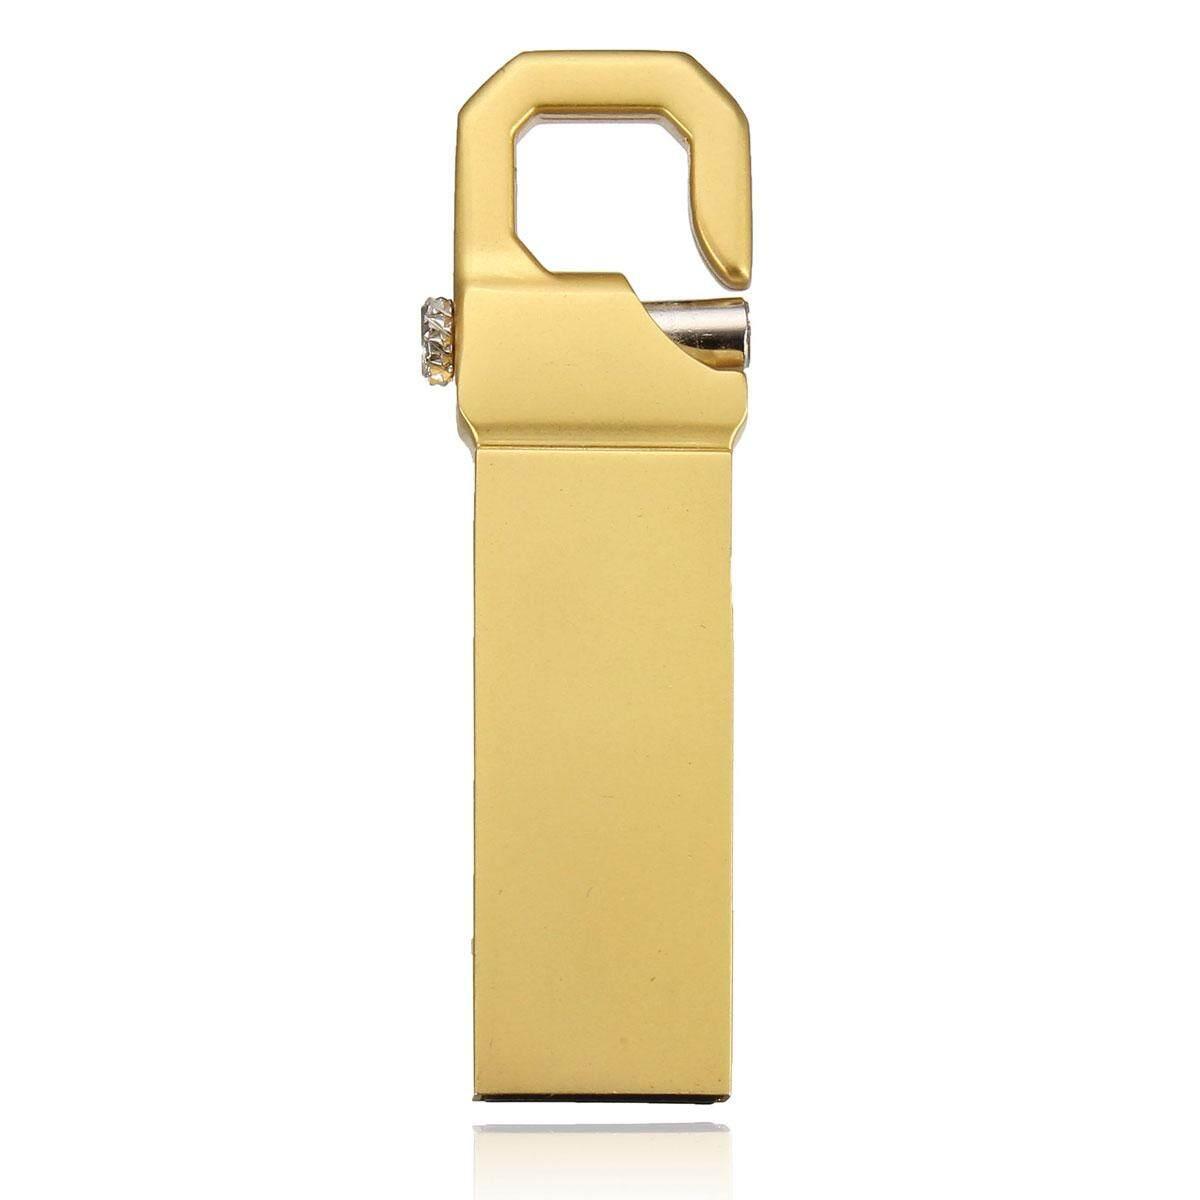 16 GB 16G USB2.0 Gantungan Kunci Logam Flash Penyimpanan Flashdisk Jempol Emas